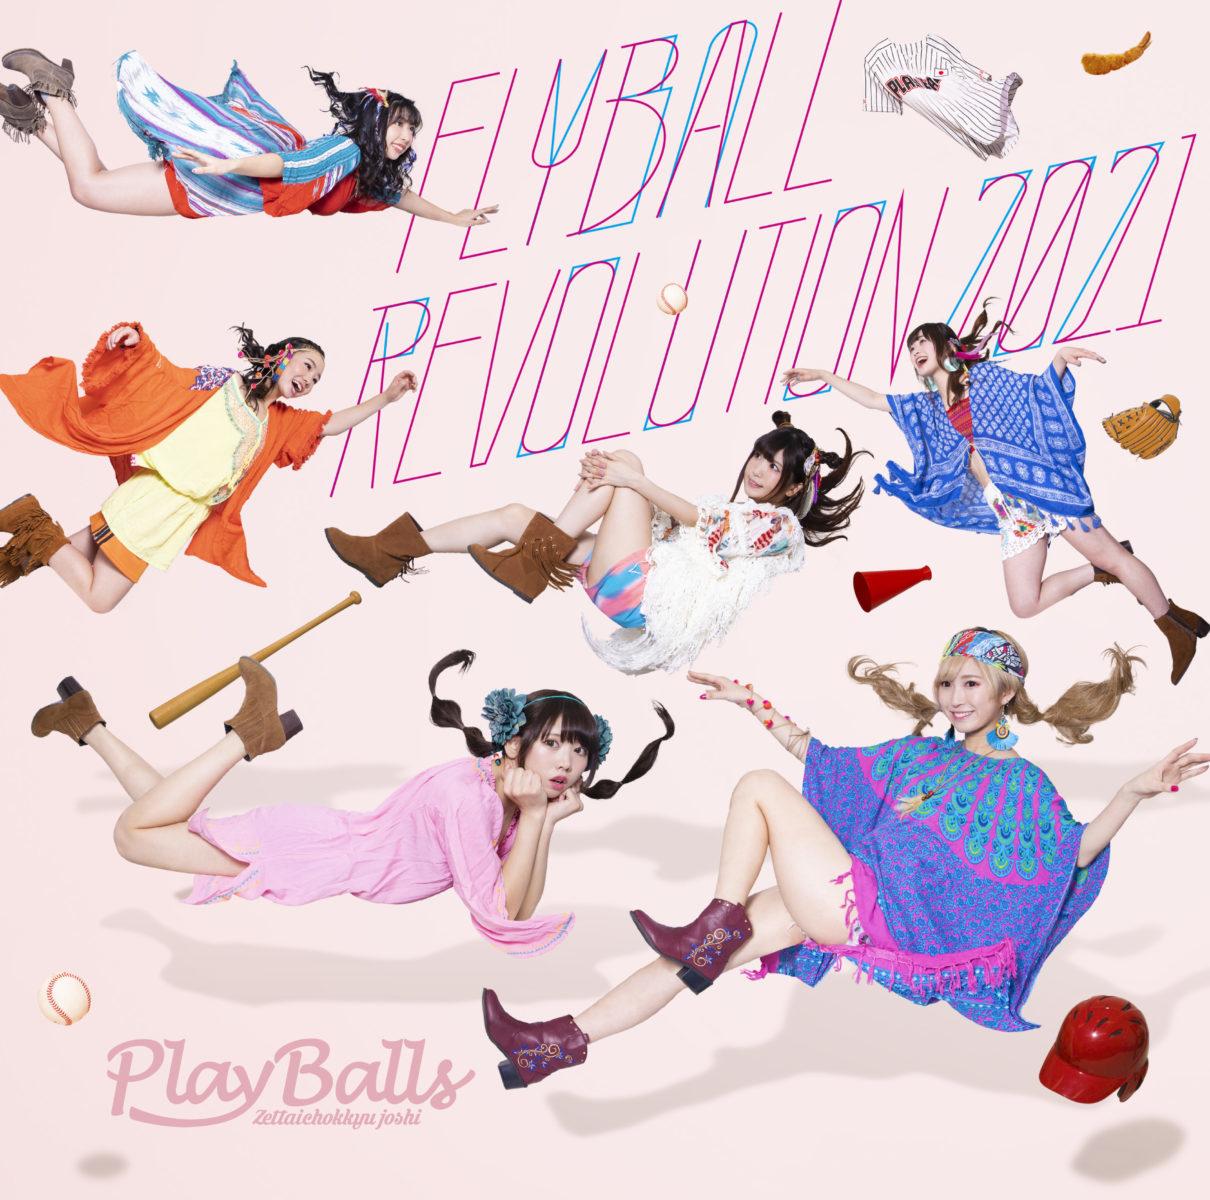 昨年12月29日にリリースされた『フライボールレボリューション2021』